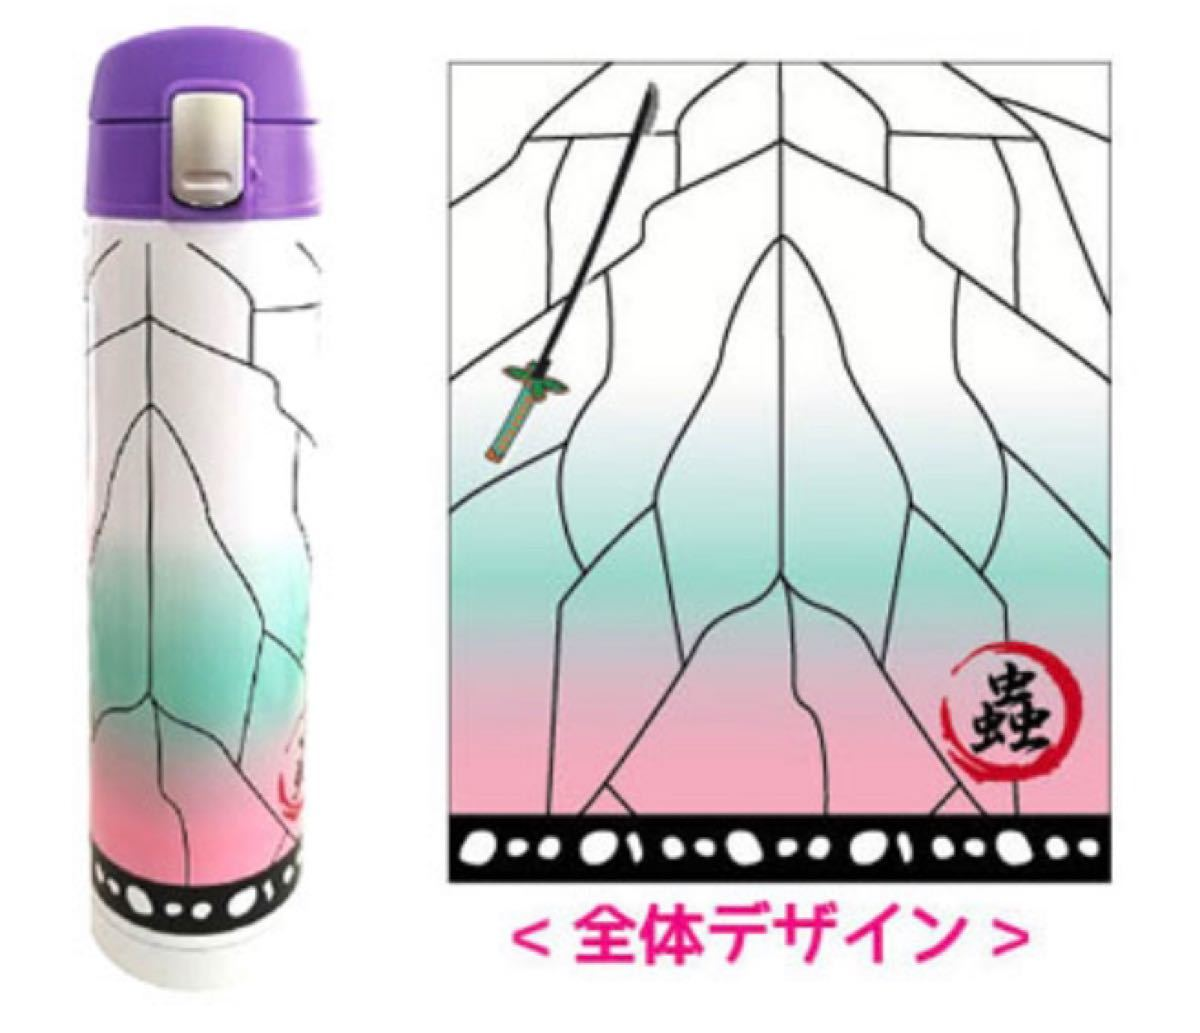 鬼狩りステンレスボトル 鬼滅の刃 胡蝶しのぶ 新品  水筒